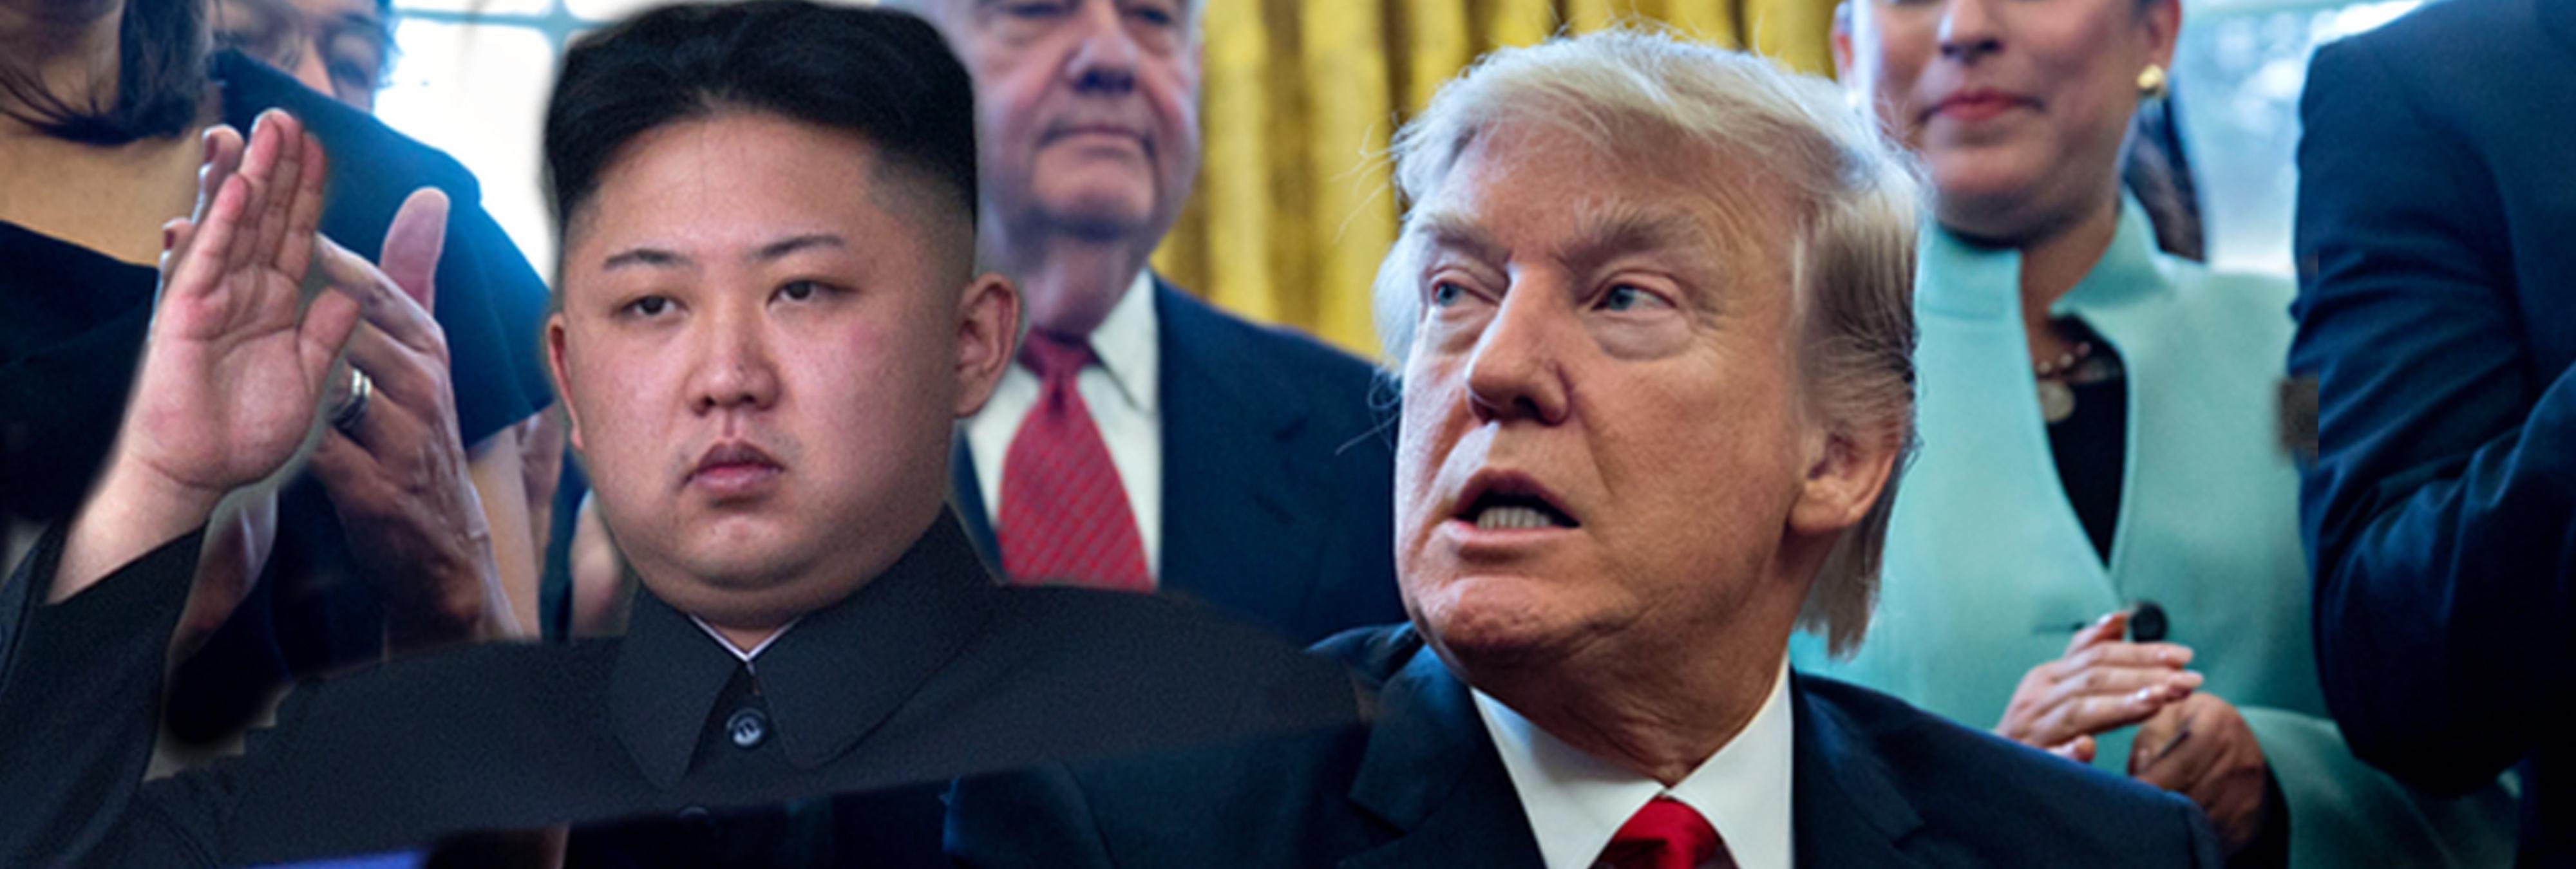 """Corea del Norte amenaza a Trump con una guerra de """"consecuencias catastróficas"""""""